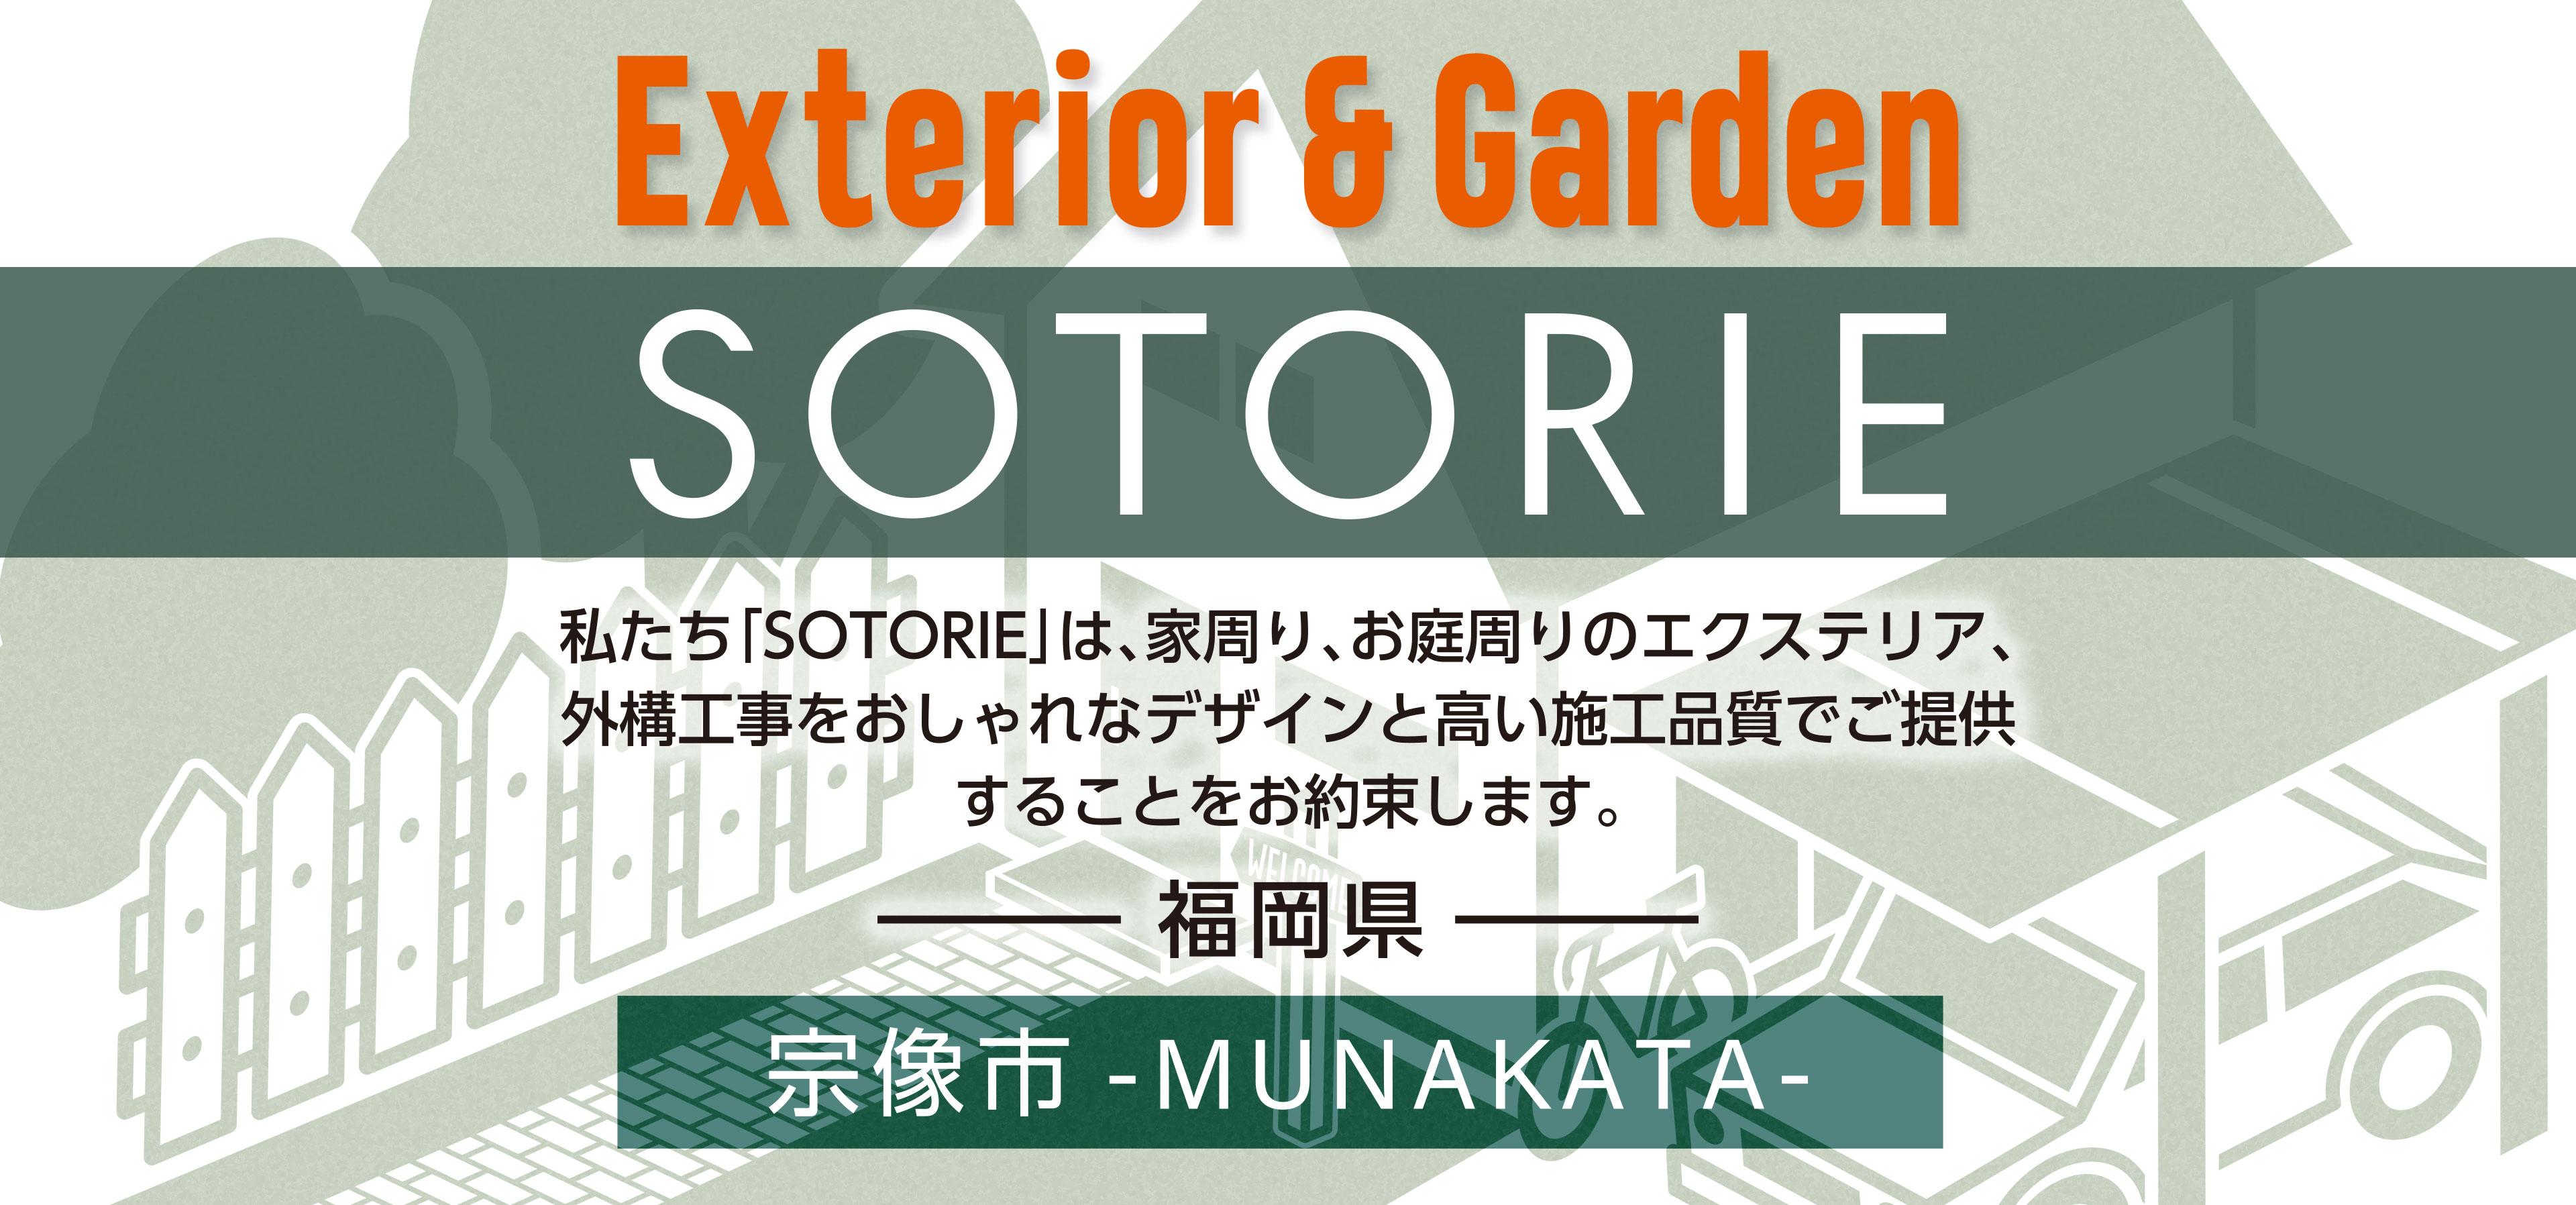 ソトリエ宗像では、家周りと庭周りの外構、エクステリア工事をおしゃれなデザインと高い施工品質でご提供することをお約束します。